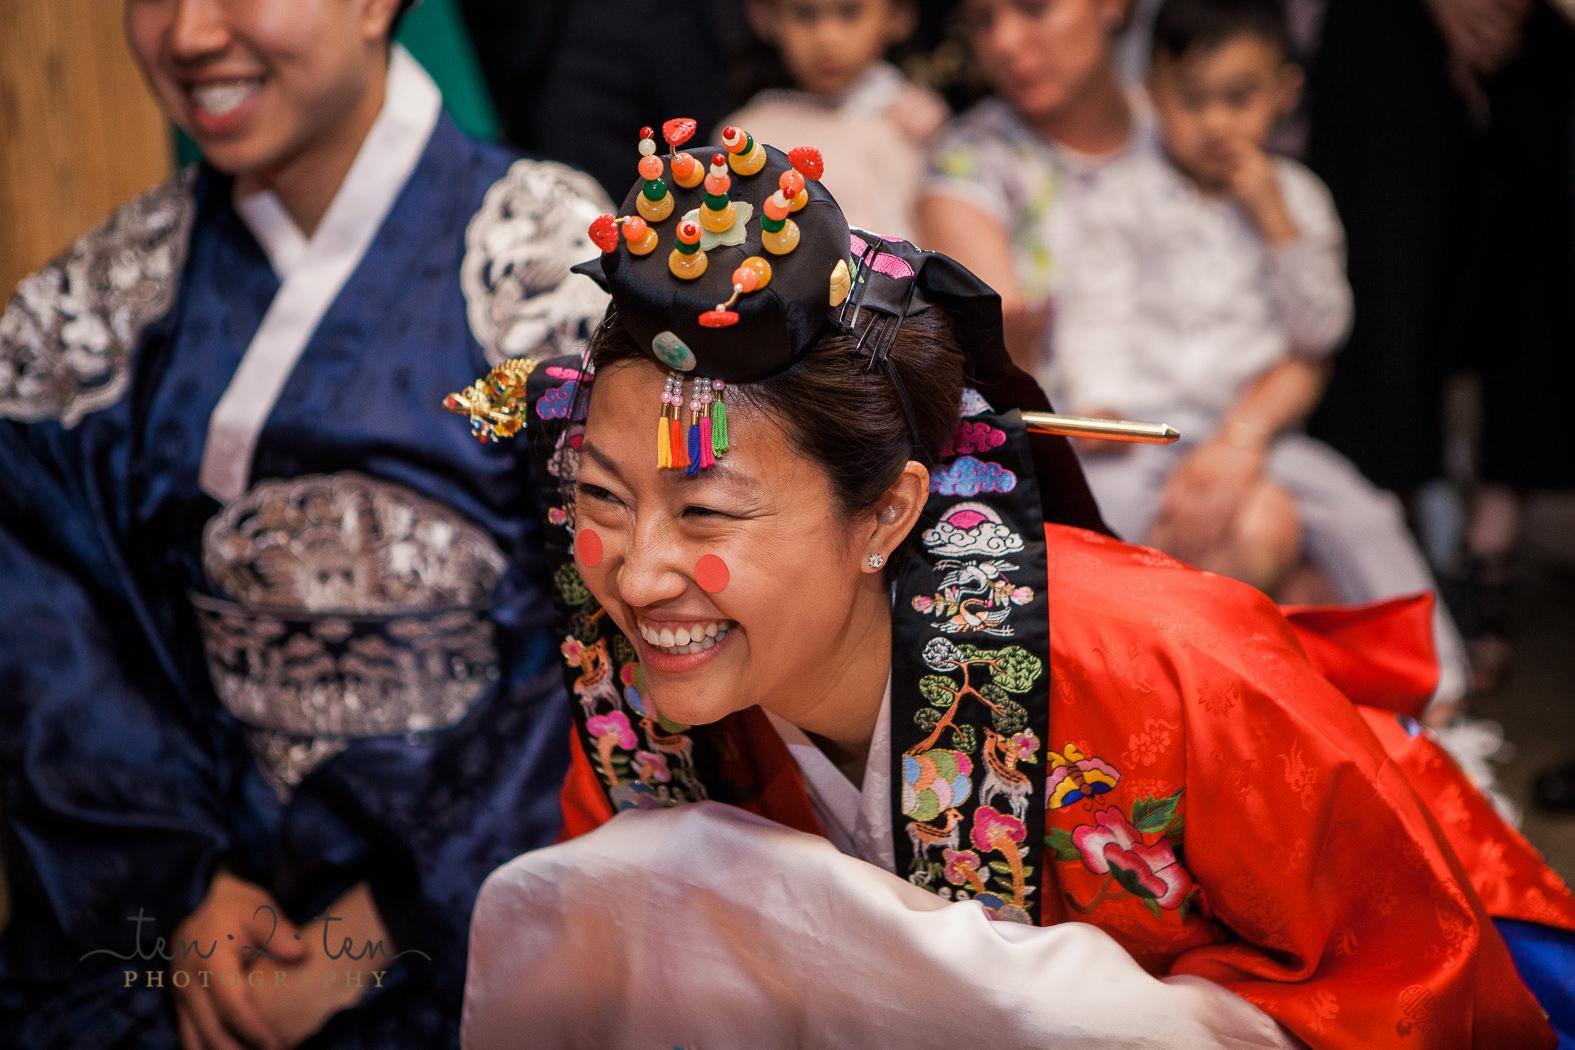 hotel ocho wedding, hotel ocho wedding photos, hotel ocho wedding photography, korean tea ceremony photos, korean tea ceremony wedding